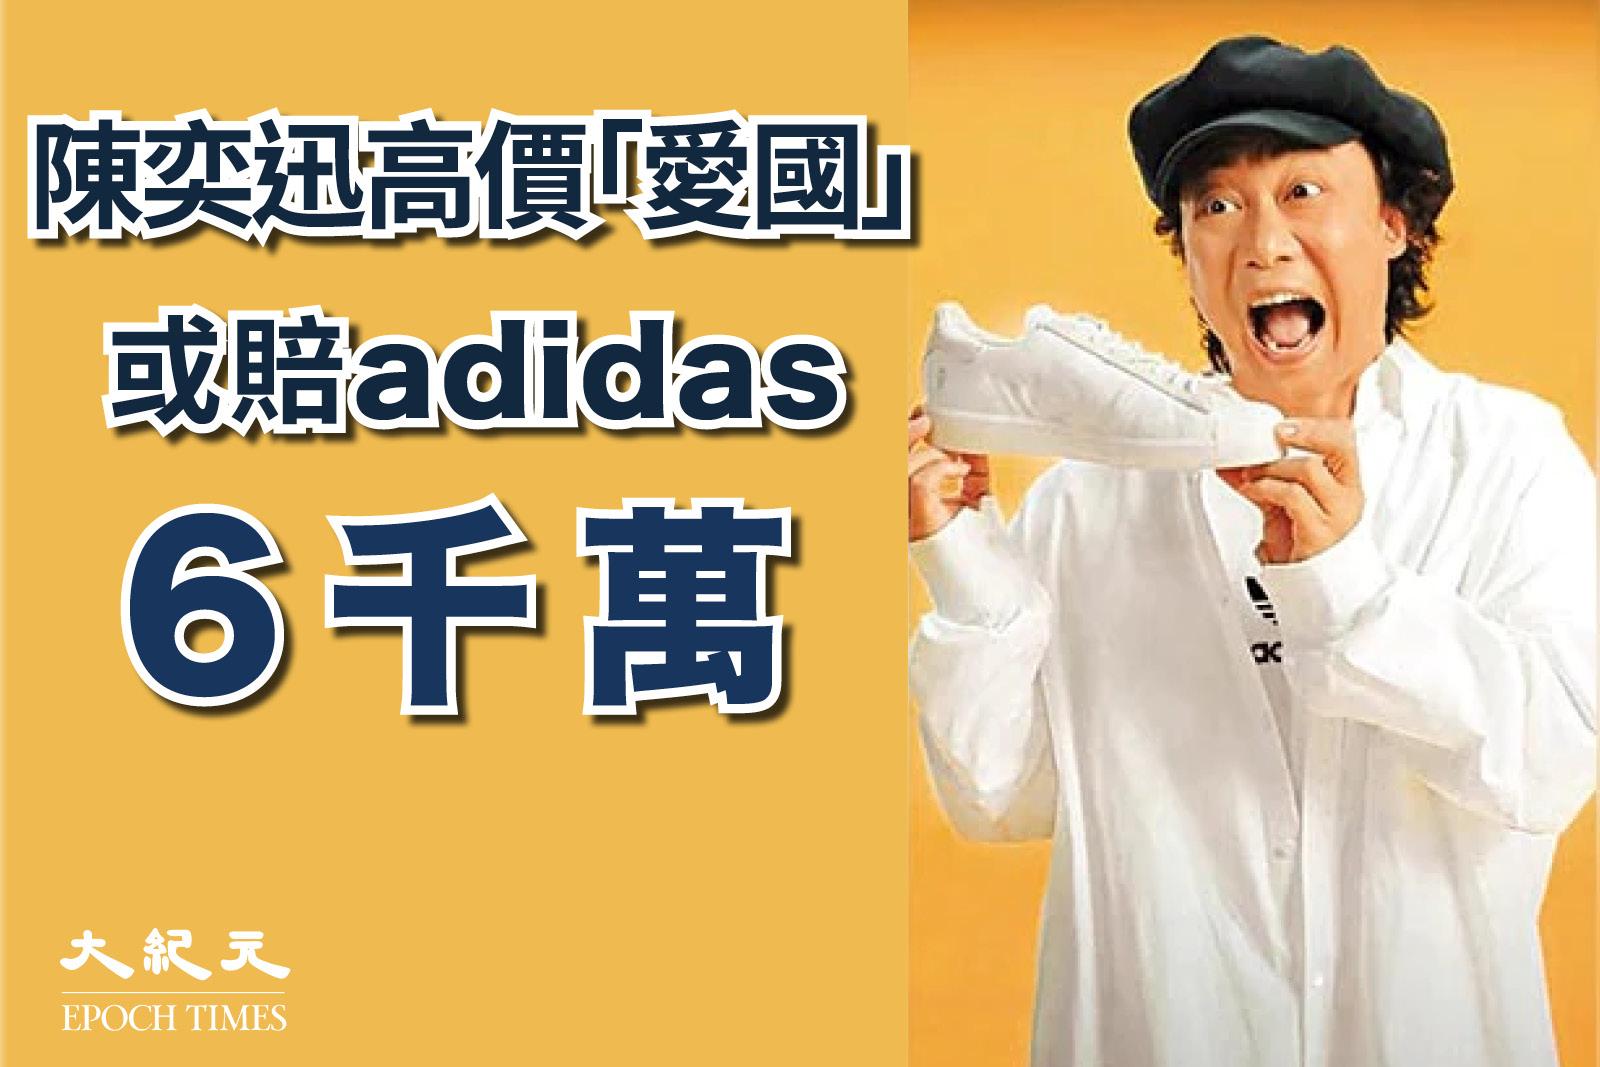 陳奕迅割席adidas後,或需賠償至少6千萬違約金。(翻攝官方Youtube畫面/大紀元製圖)